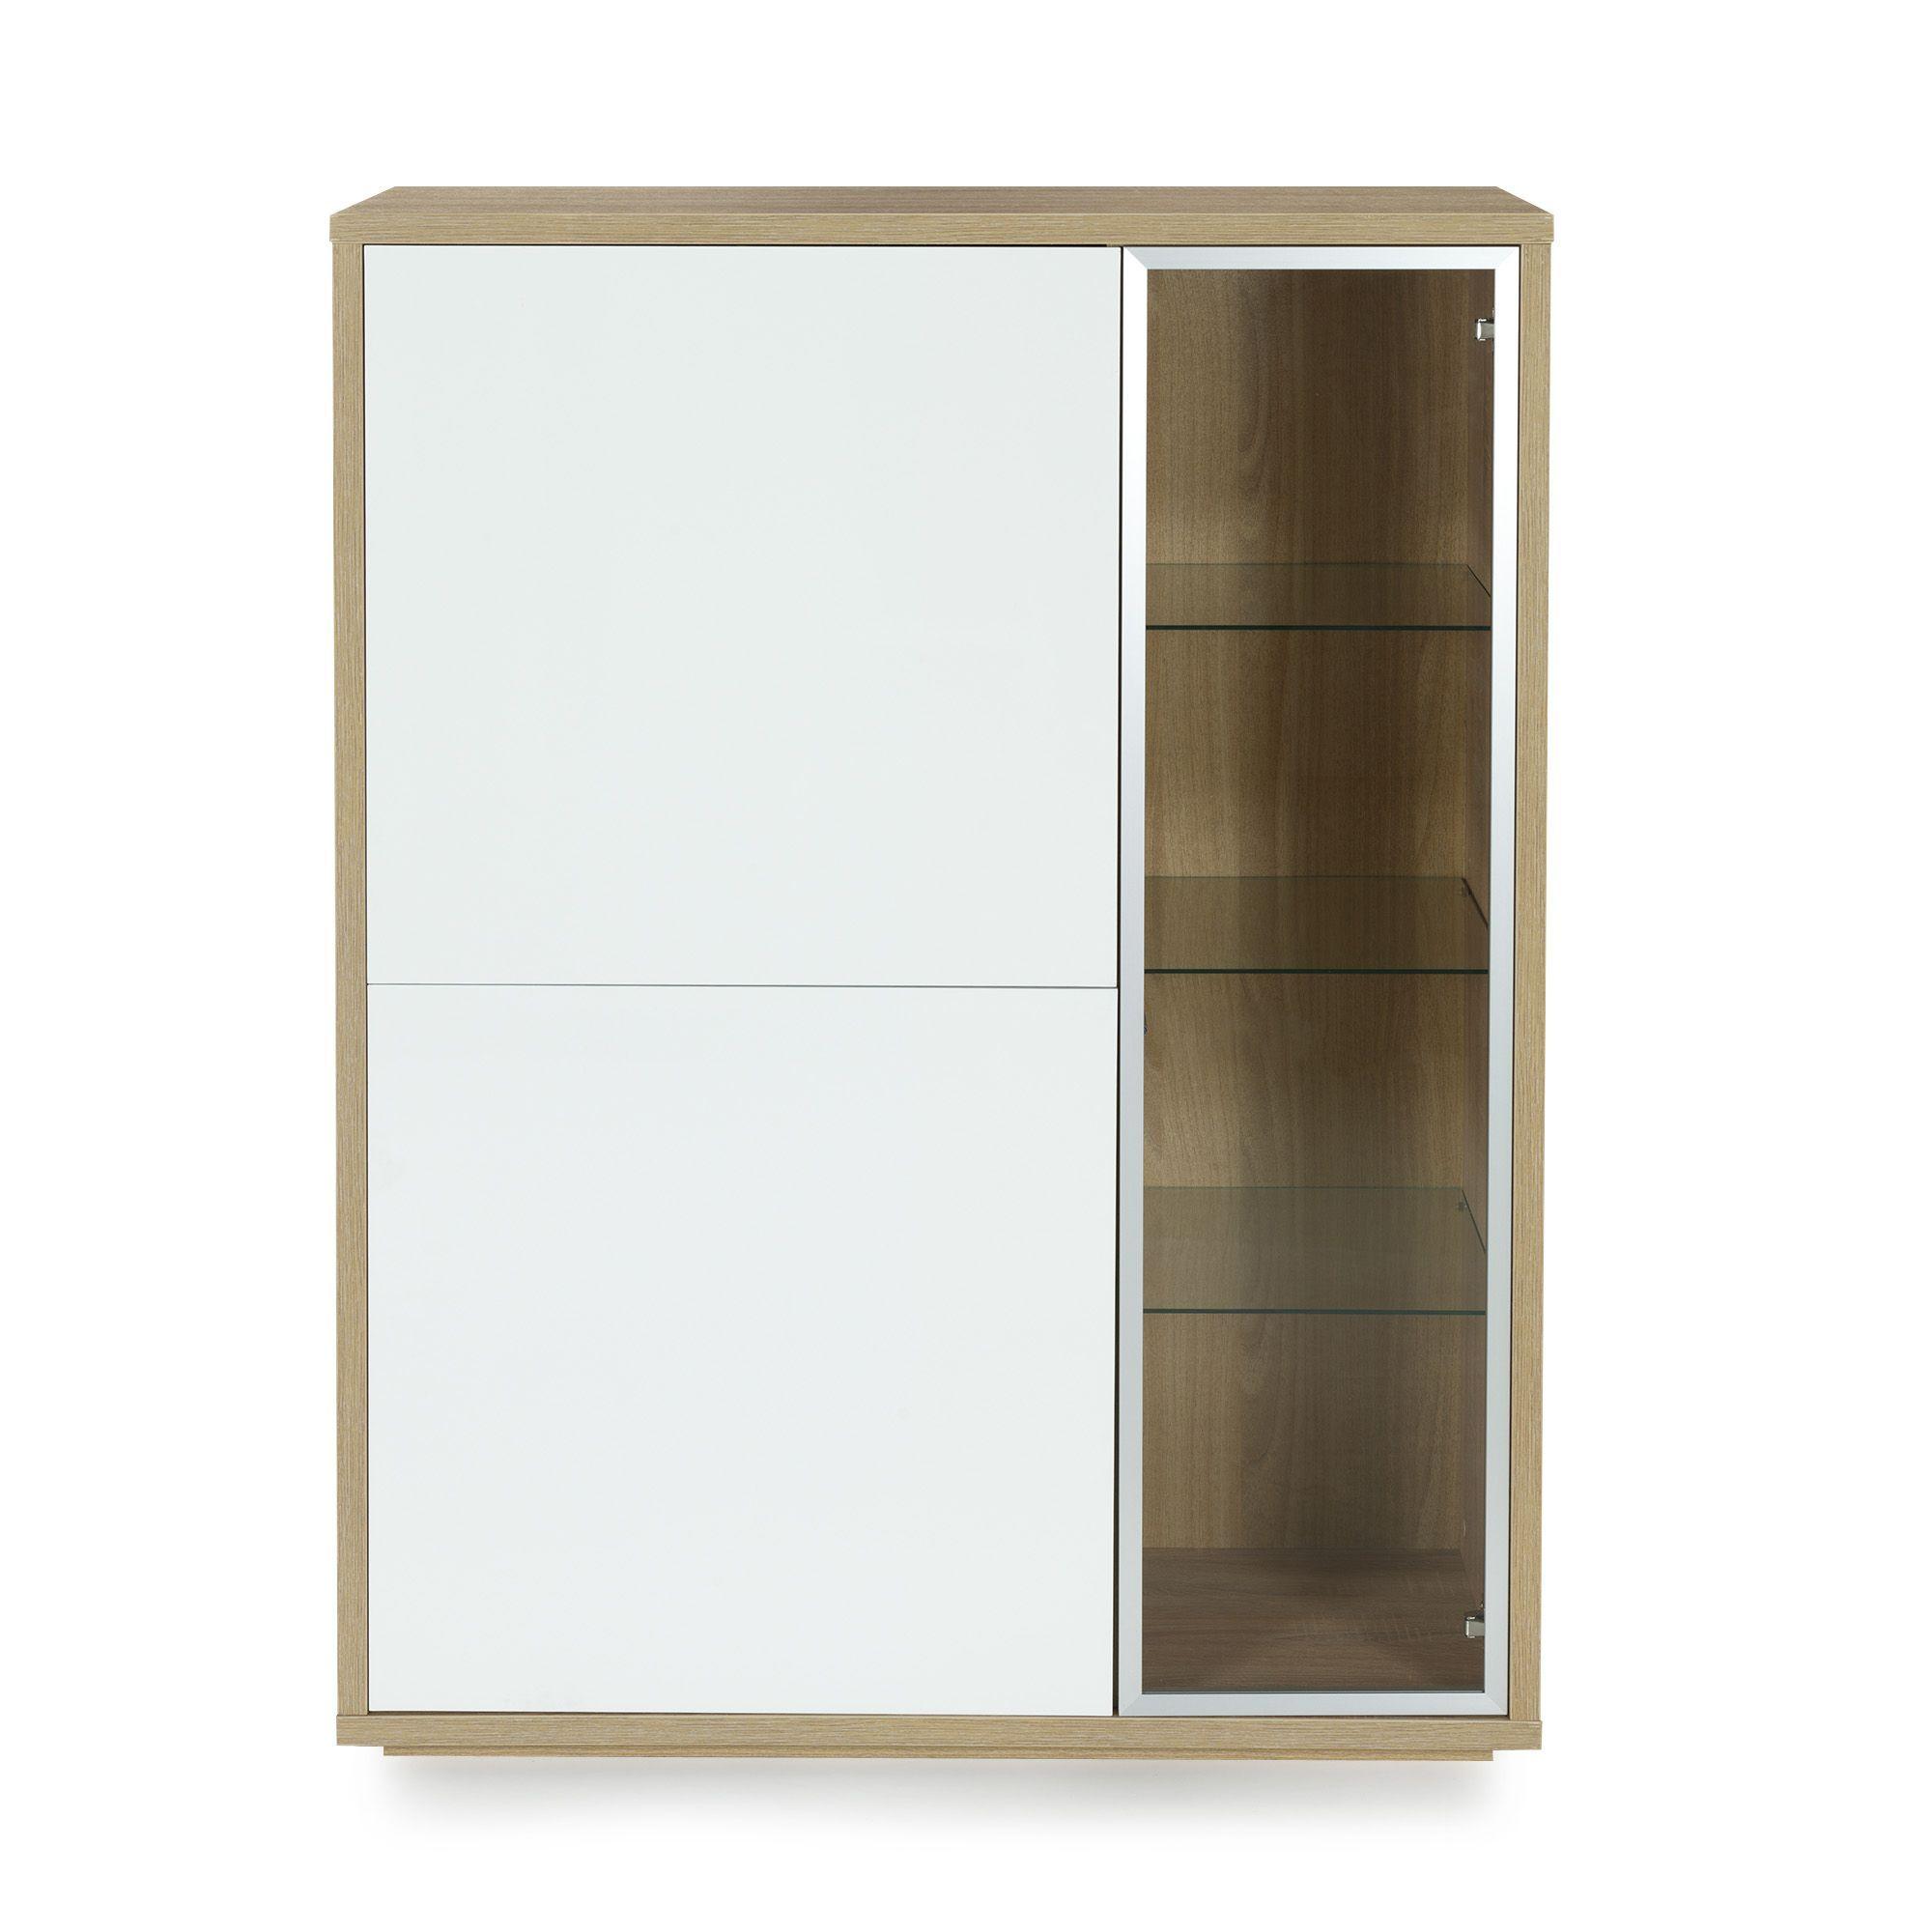 meuble vitrine 3 portes design scandinave checker les buffets buffets et vaisseliers salon. Black Bedroom Furniture Sets. Home Design Ideas